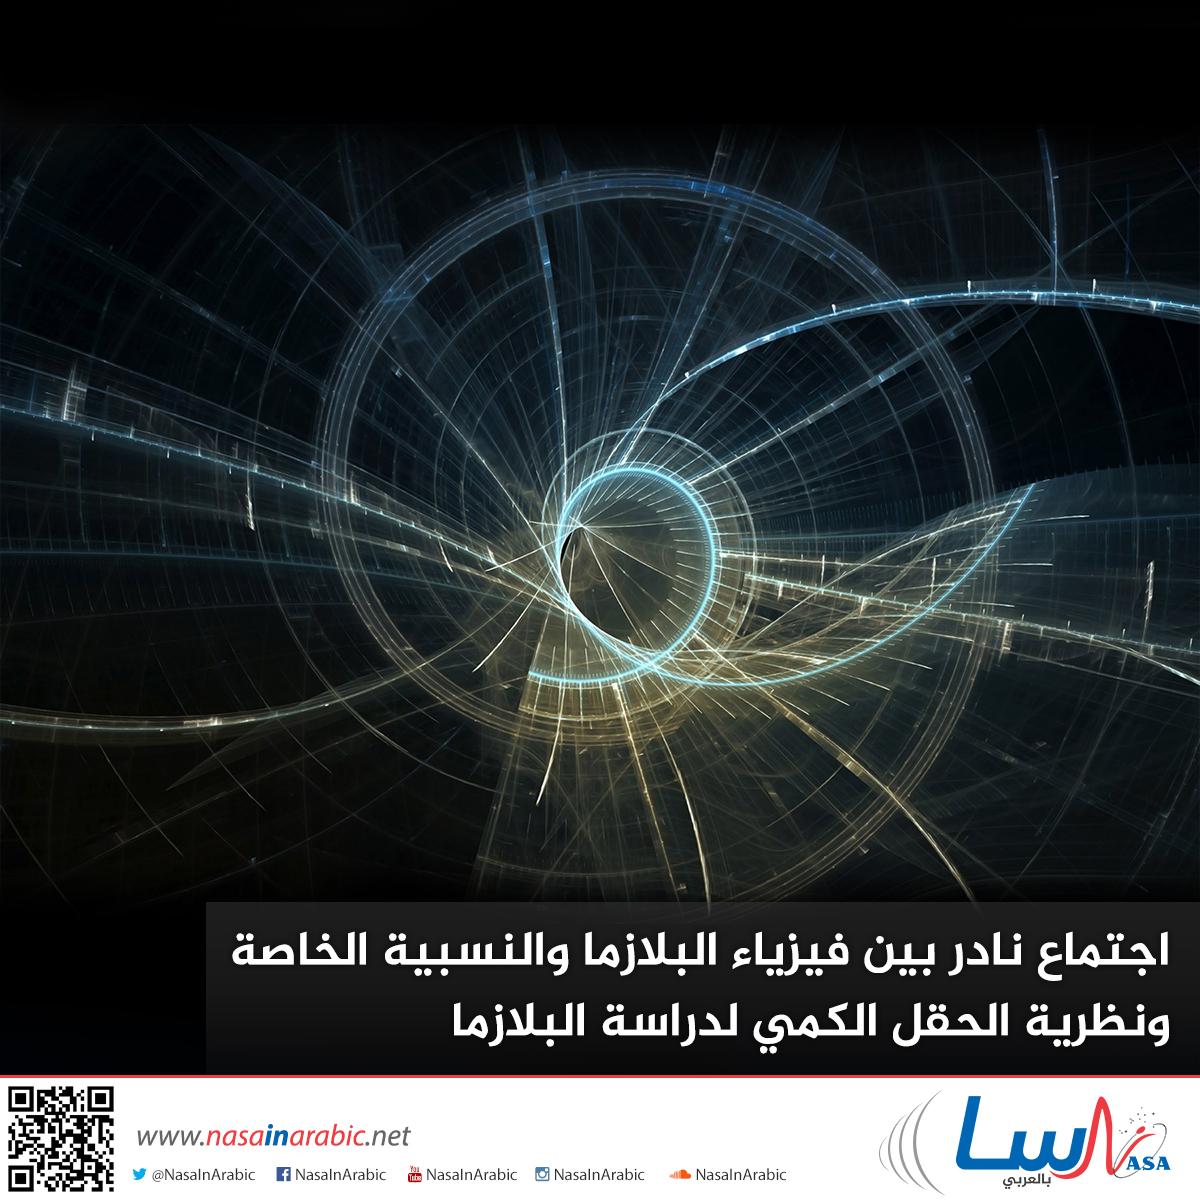 اجتماع نادر بين فيزياء البلازما والنسبية الخاصة ونظرية الحقل الكمي لدراسة البلازما